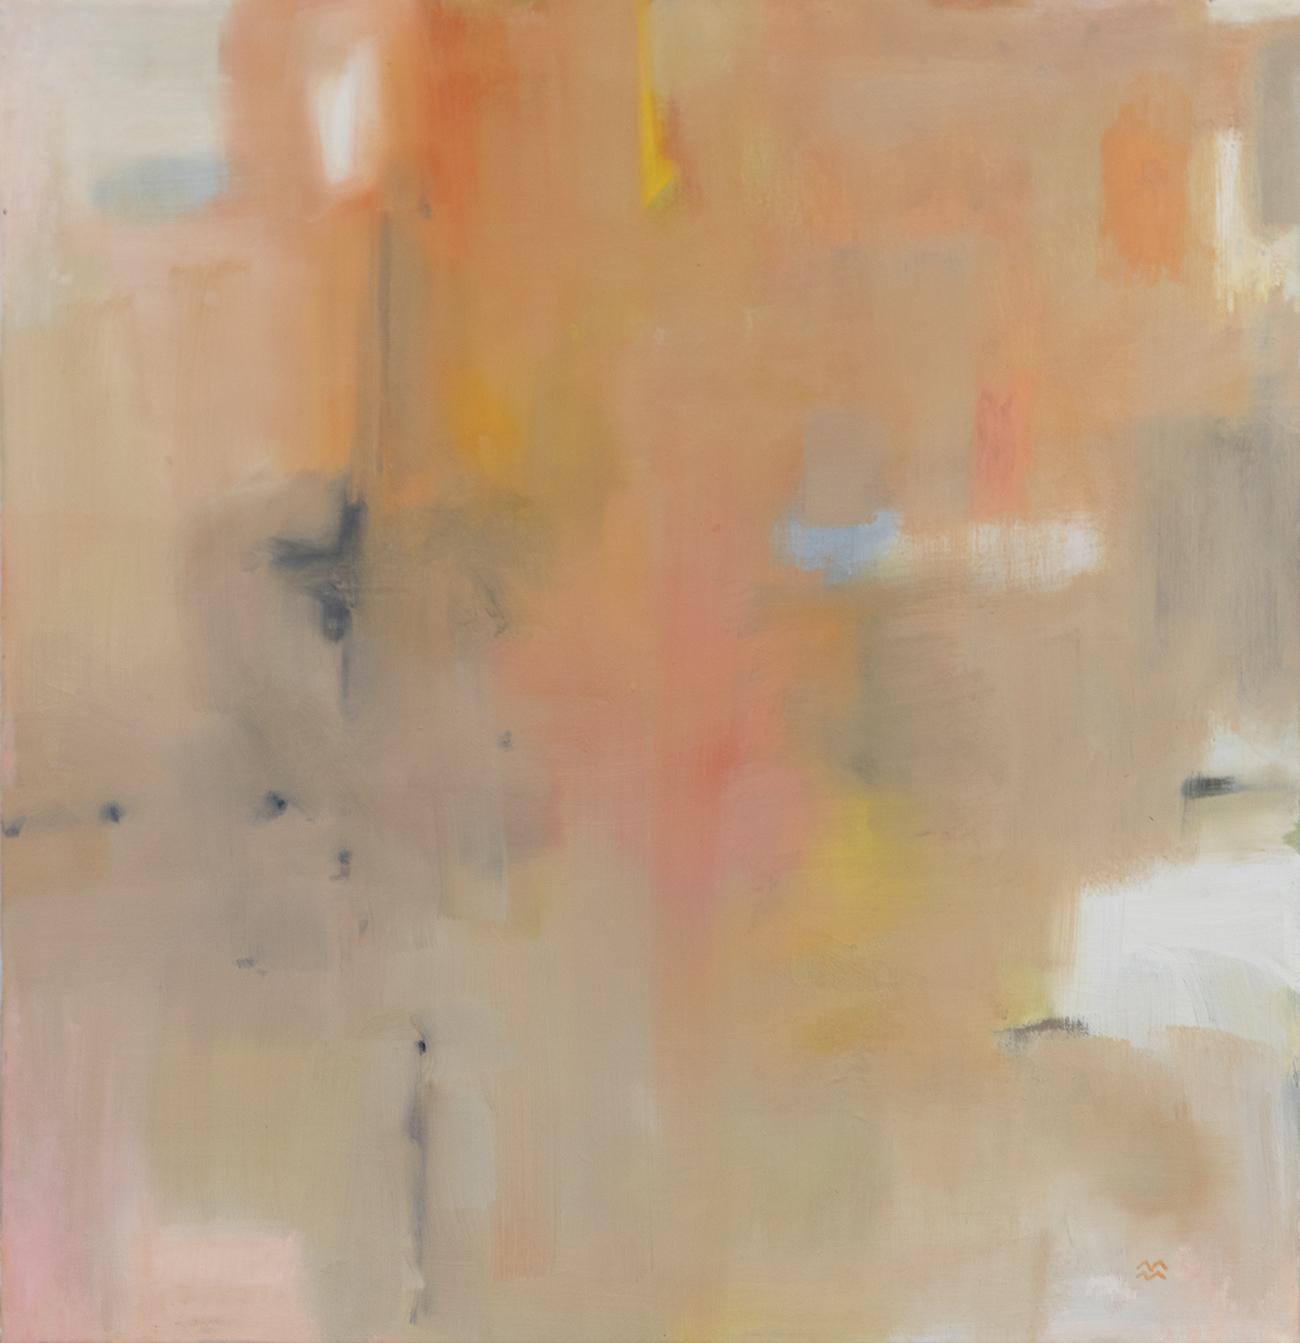 Abstrakteja II